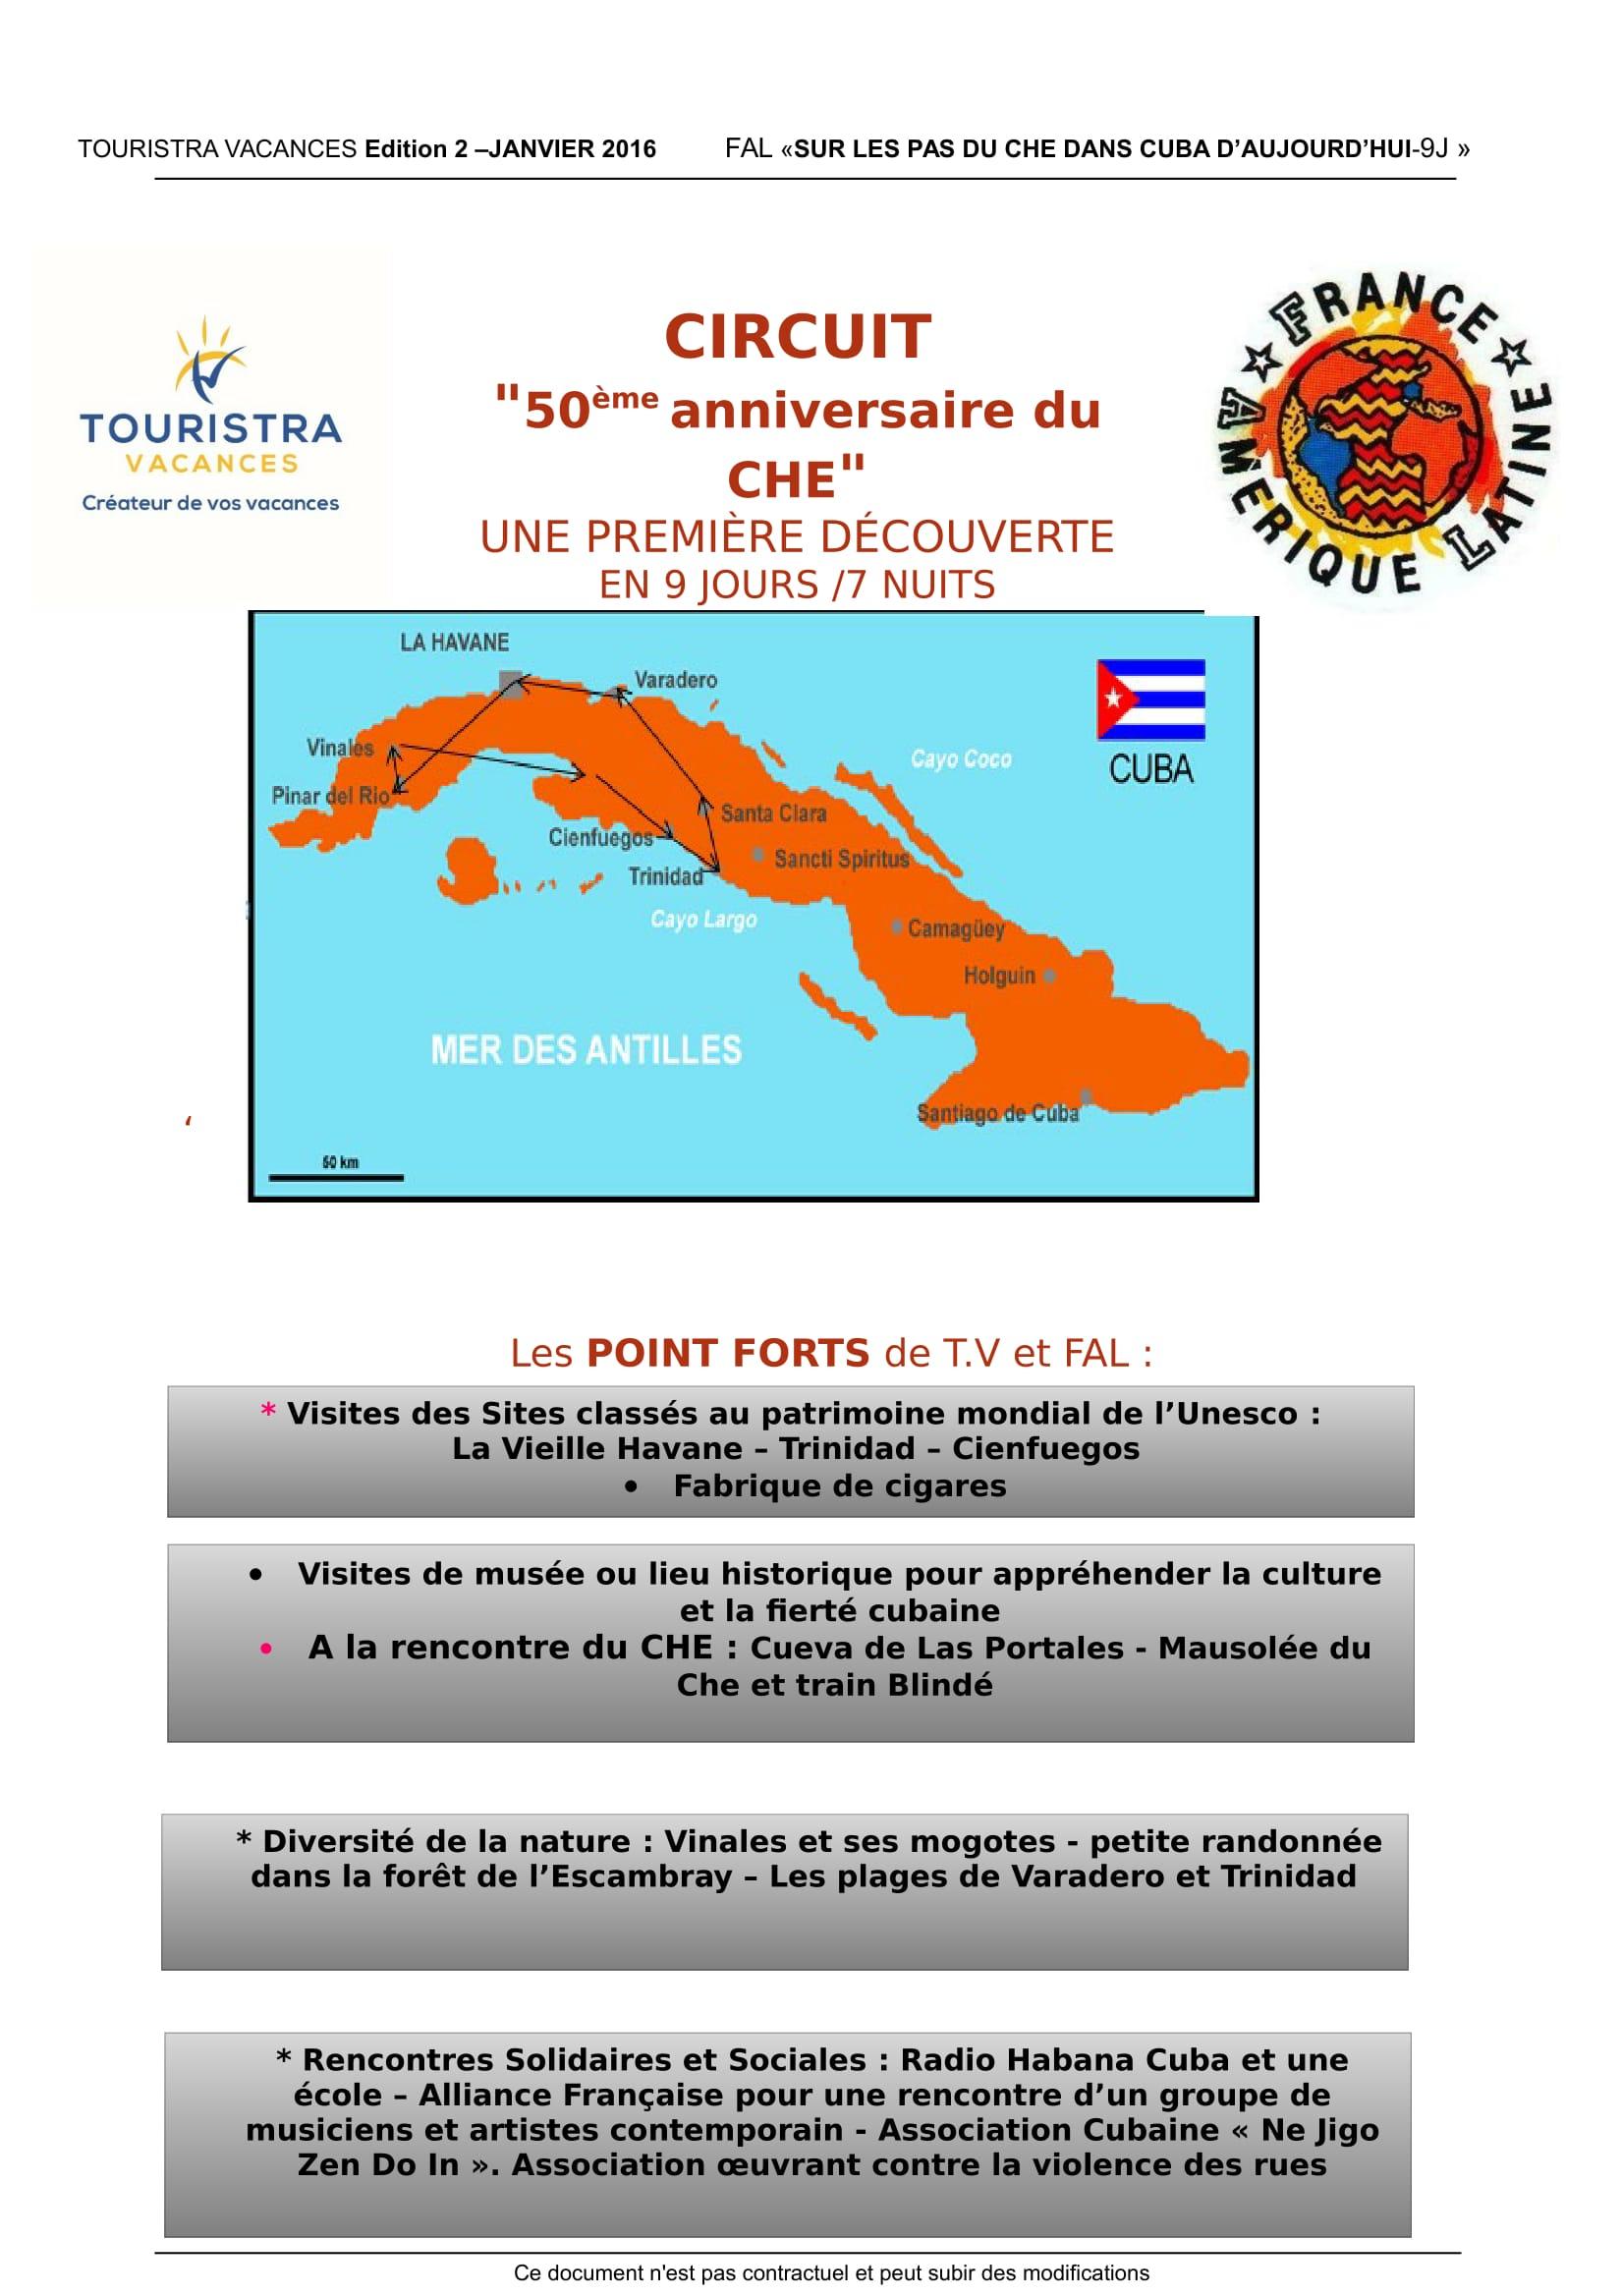 Les Voyages de FAL : Cuba «50eme anniversaire du Che»